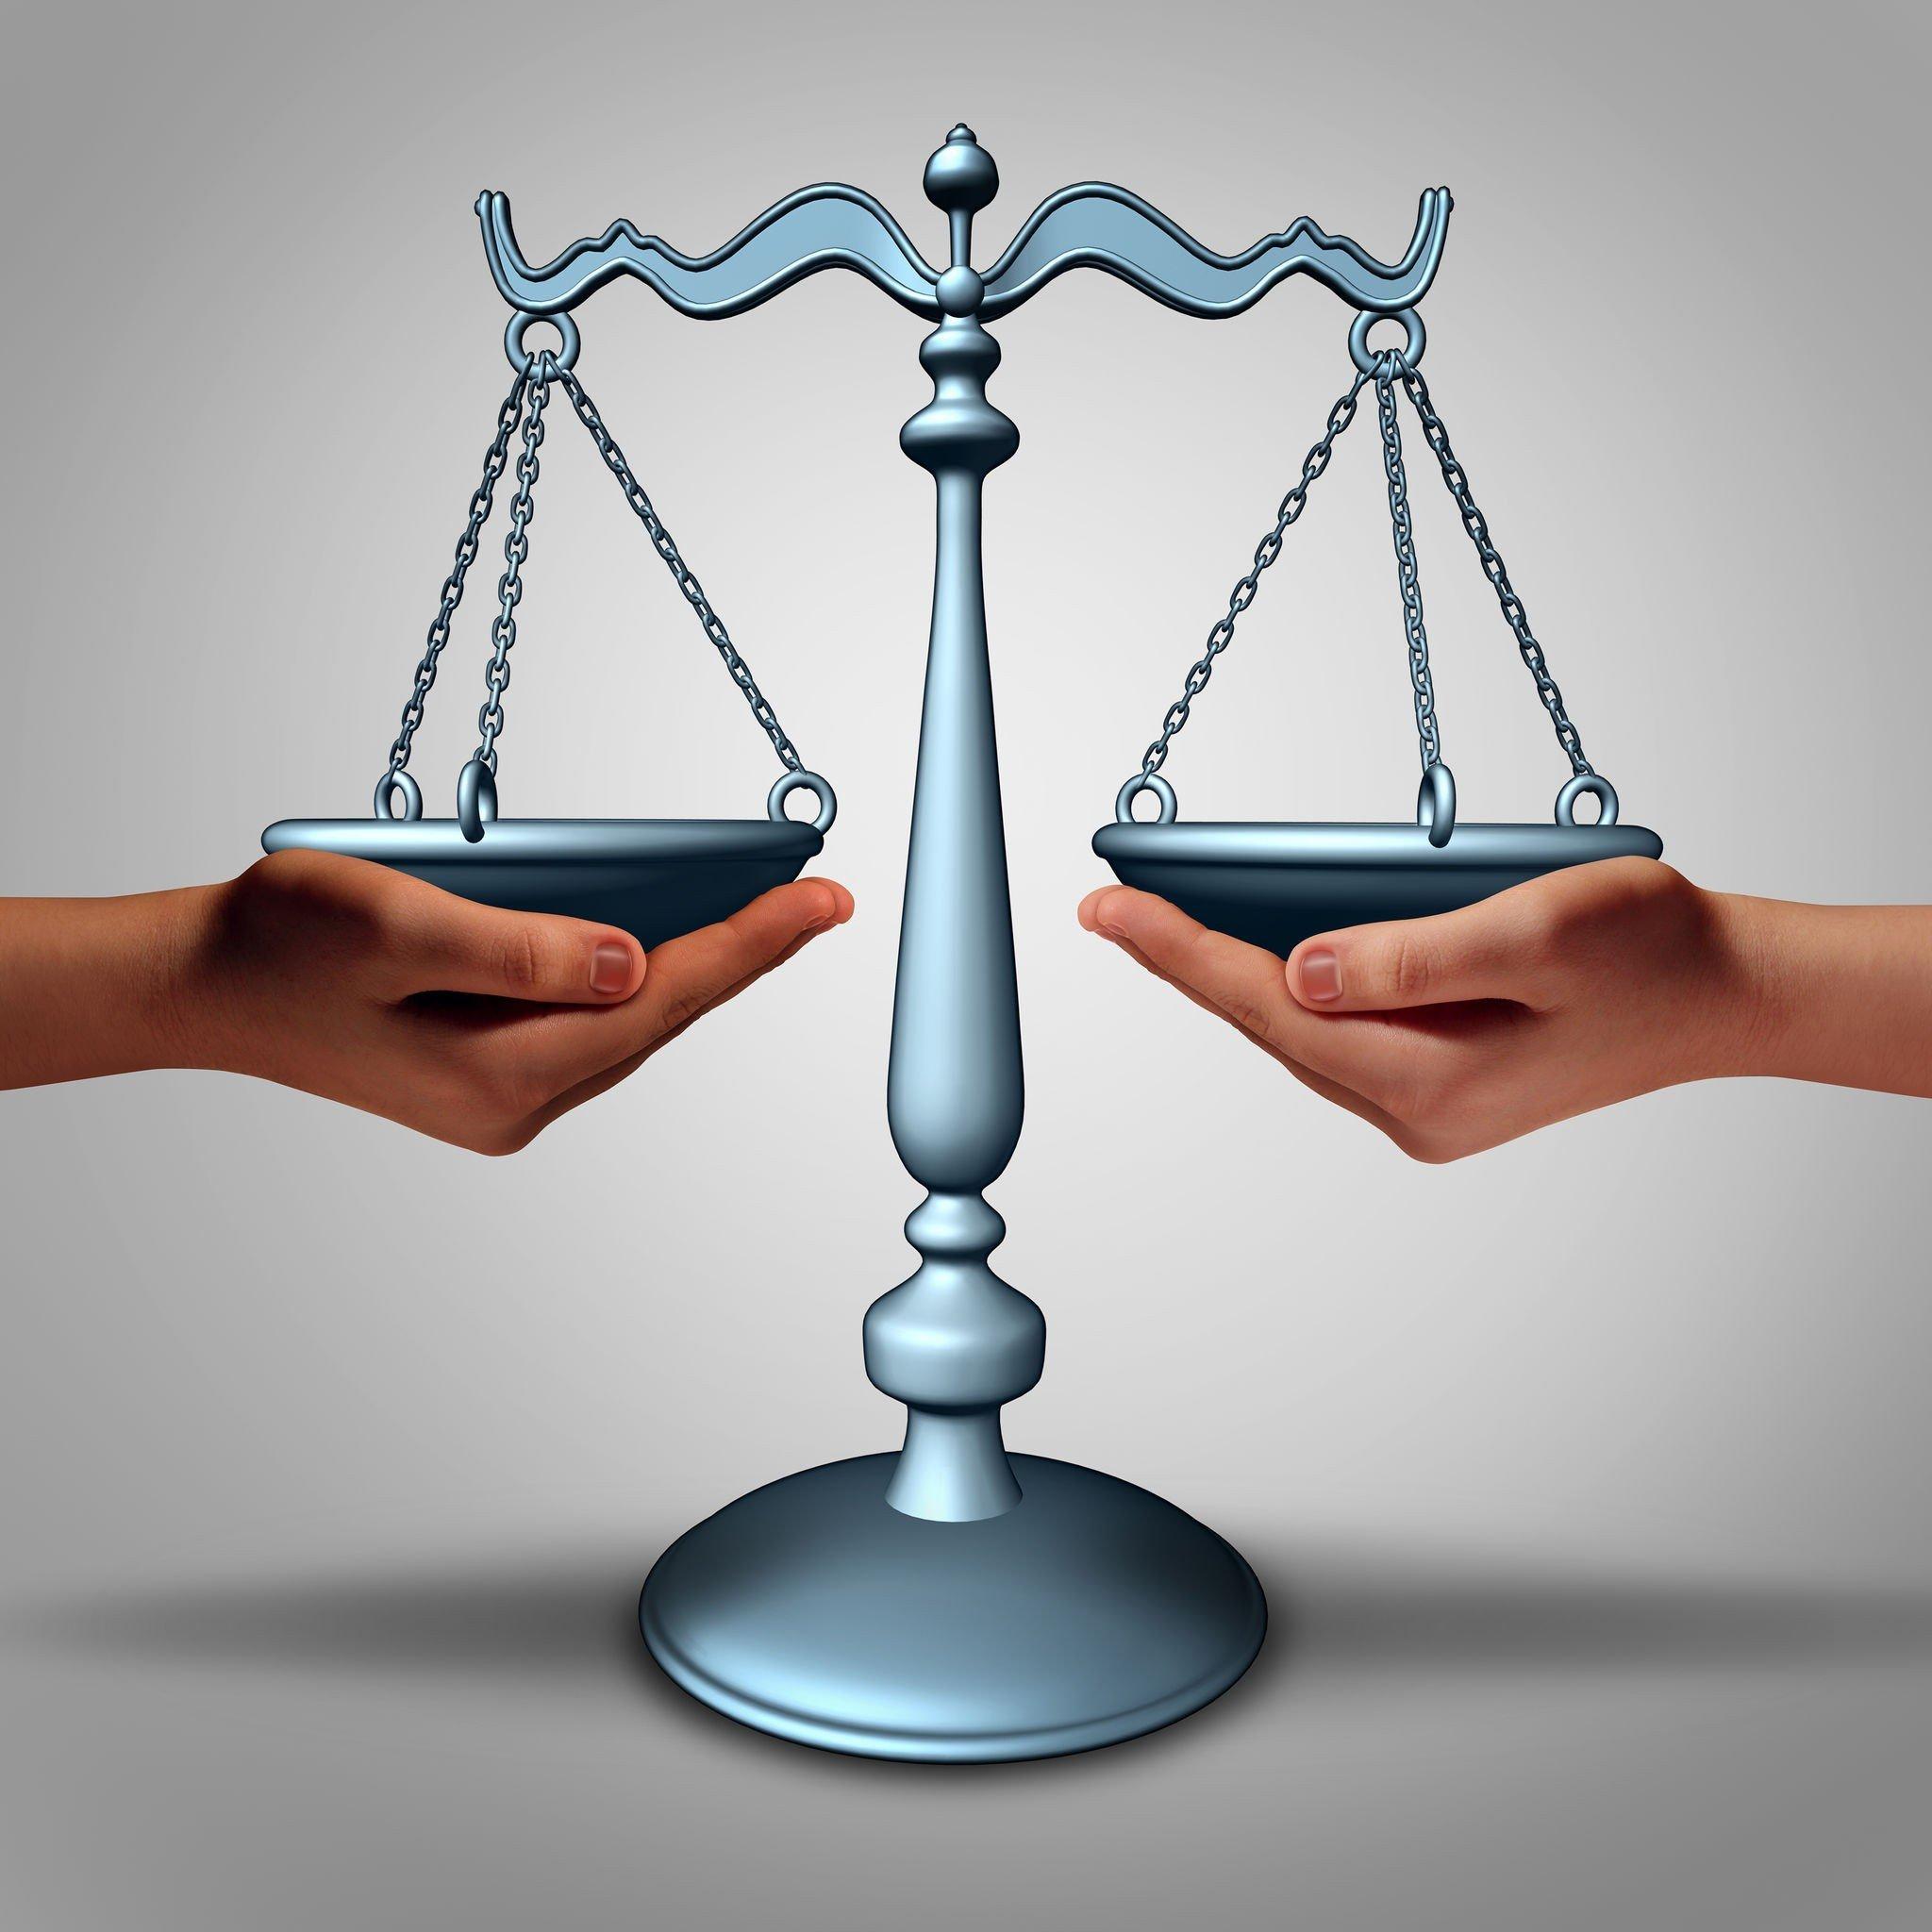 Soms is het verstandig om vooraf een advocaat te raadplegen